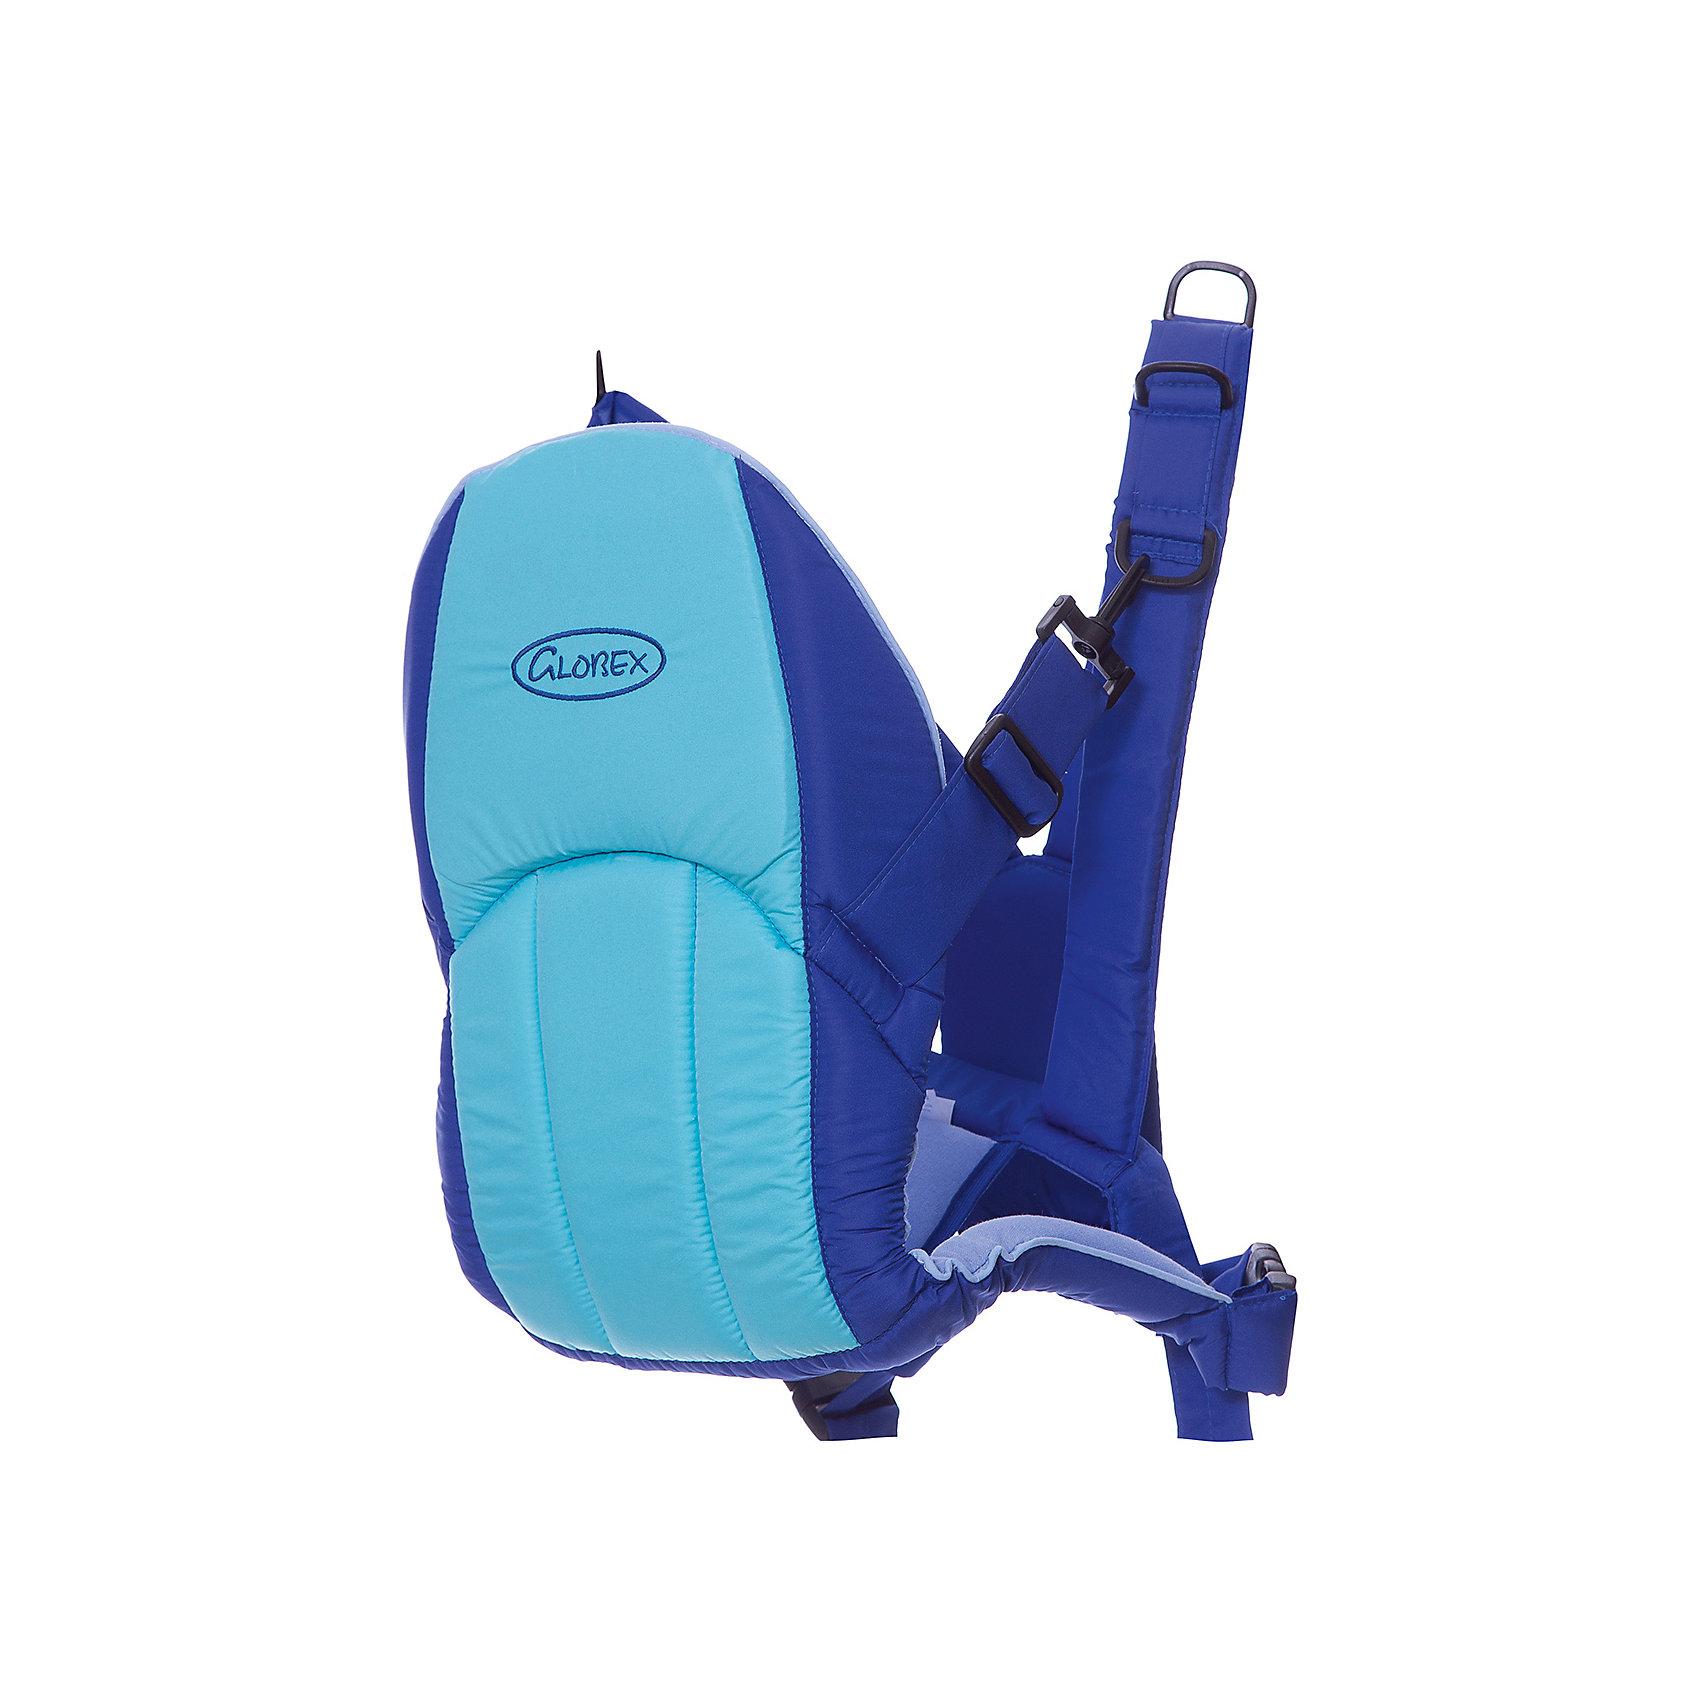 Рюкзак-кенгуру Кенга, ГлобэксСлинги и рюкзаки-переноски<br>Характеристики рюкзака-кенгуру Kenga:<br><br>• анатомический рюкзак-кенгуру с жесткой спинкой;<br>• возраст ребенка: от 2 до 8 месяцев;<br>• вес ребенка: до 7,7 кг;<br>• 2 положения ребенка: «лицом к лицу» и «лицом вперед»;<br>• надежная фиксация - пластиковые карабины;<br>• удобные застежки;<br>• имеется съемный слюнявчик;<br>• размер упаковки: 36х27х10 см;<br>• вес: 600 г.<br><br>Рюкзак-кенгуру «Кенга» позволяет носить ребенка таким образом, чтобы снизить давление на плечи и равномерно распределить нагрузку на спину. Малыш может находиться в рюкзачке в двух положениях: либо смотреть на маму, либо изучать окружающий мир. <br><br>Рюкзак-кенгуру Кенга, Глобэкс можно купить в нашем интернет-магазине.<br><br>Ширина мм: 360<br>Глубина мм: 270<br>Высота мм: 100<br>Вес г: 600<br>Возраст от месяцев: 1<br>Возраст до месяцев: 10<br>Пол: Унисекс<br>Возраст: Детский<br>SKU: 5563030